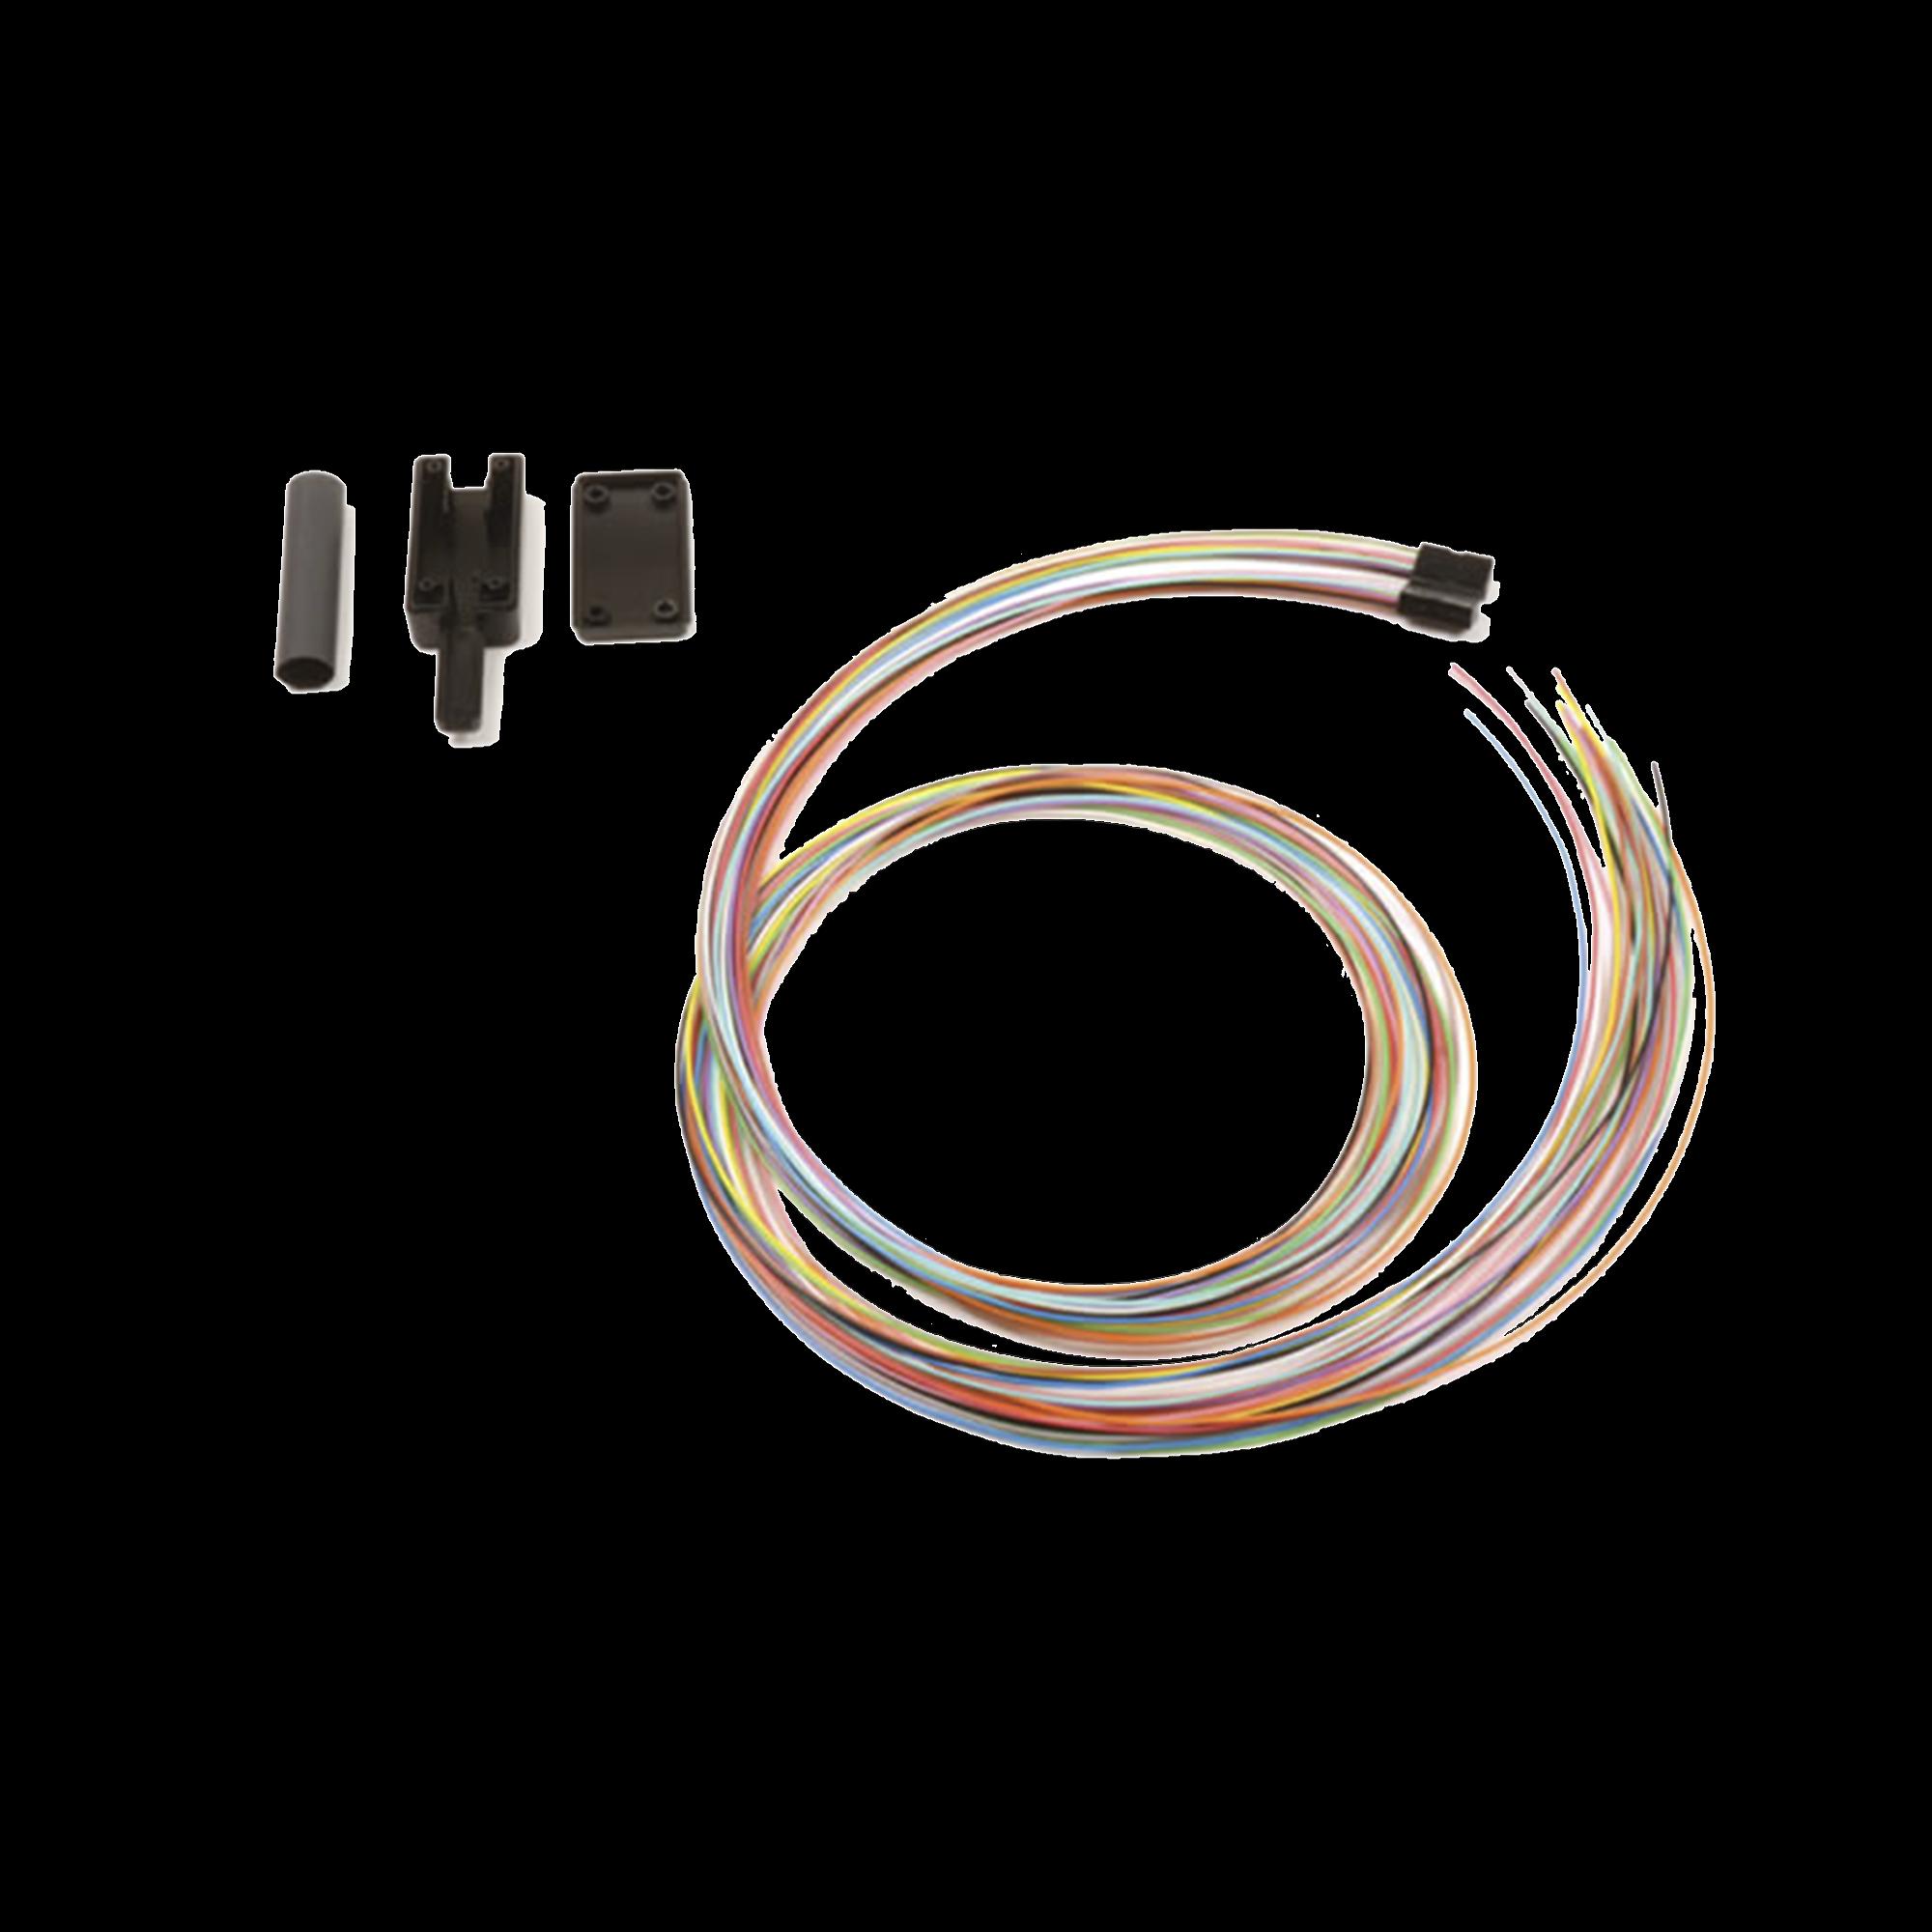 Kit Breakout de 24 fibras, para convertir fibra (Loose Tube) de 250 a 900 micras, 1 metro